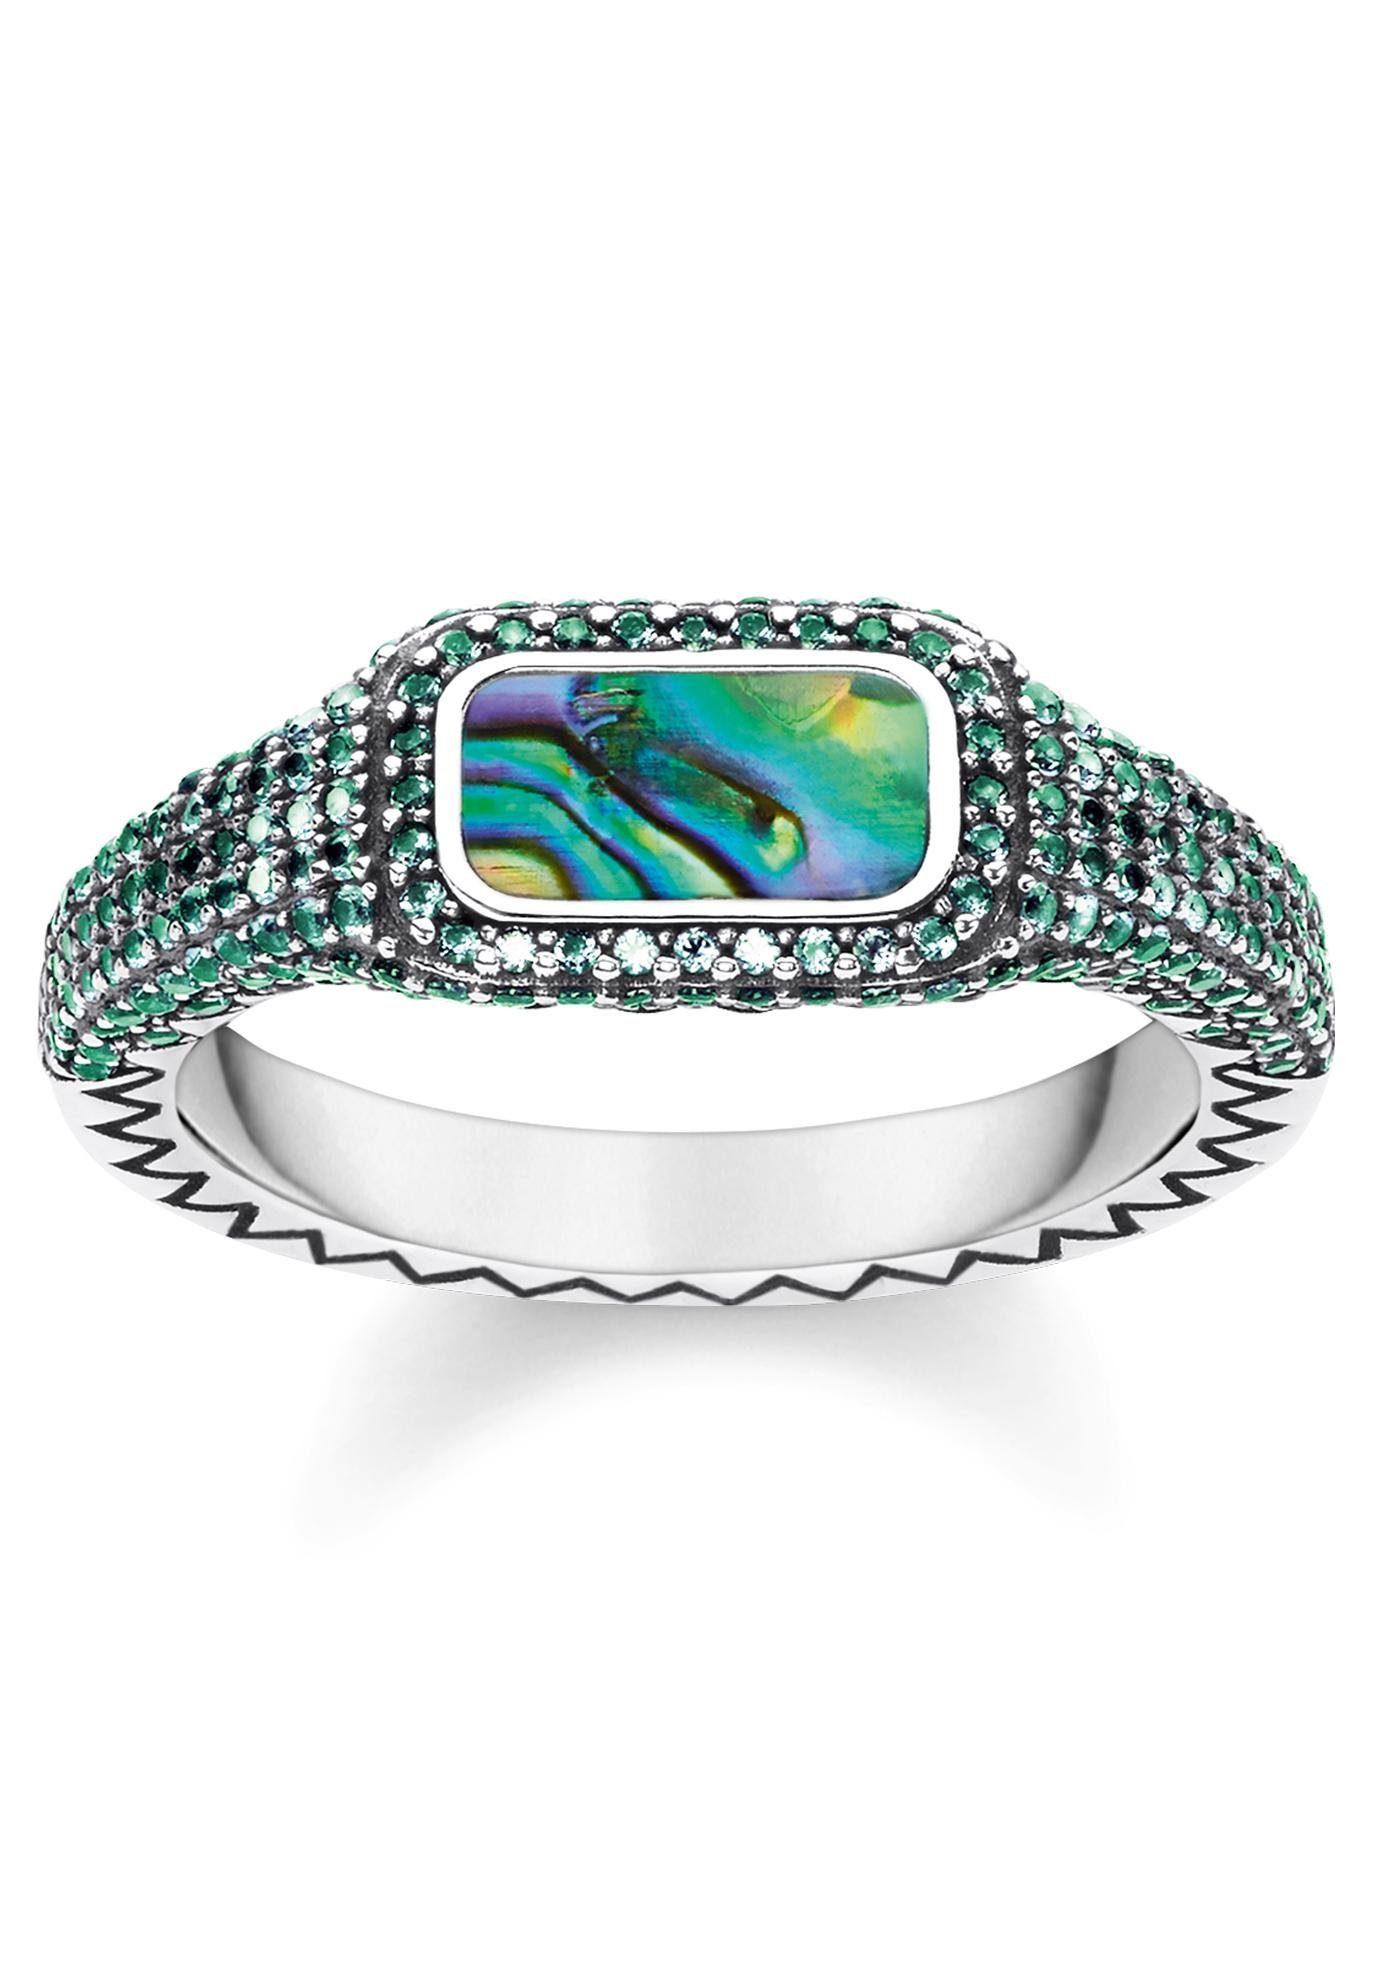 Silberring 925 Silber mit Emaille  in 3 Farben grün grün rot Gr 48 bis 60